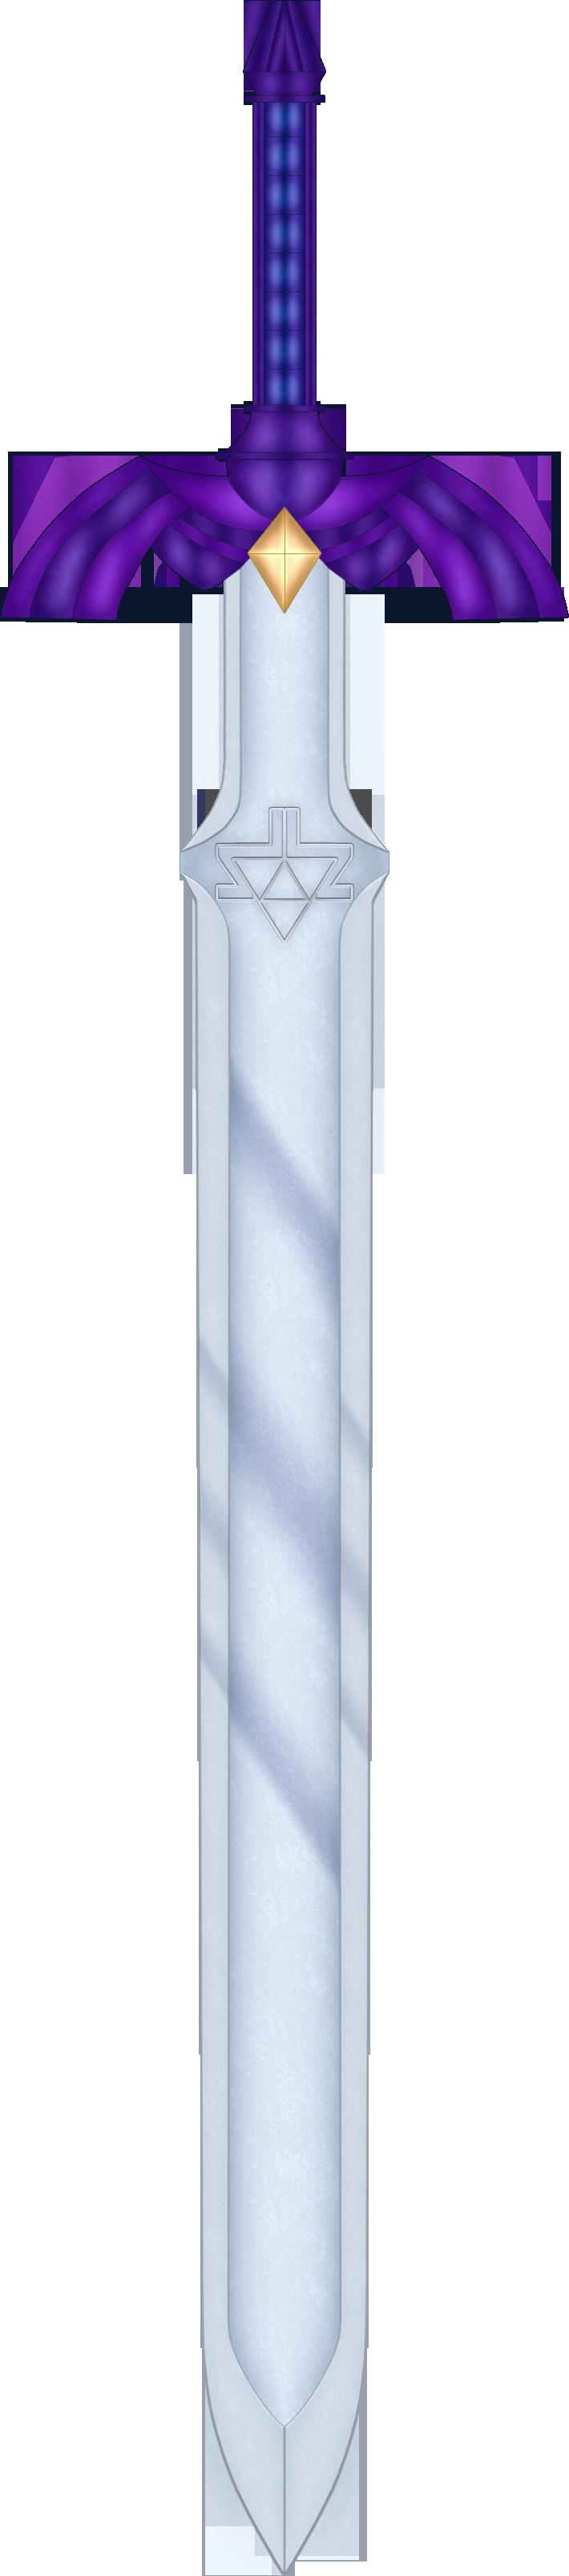 OOT Master Sword